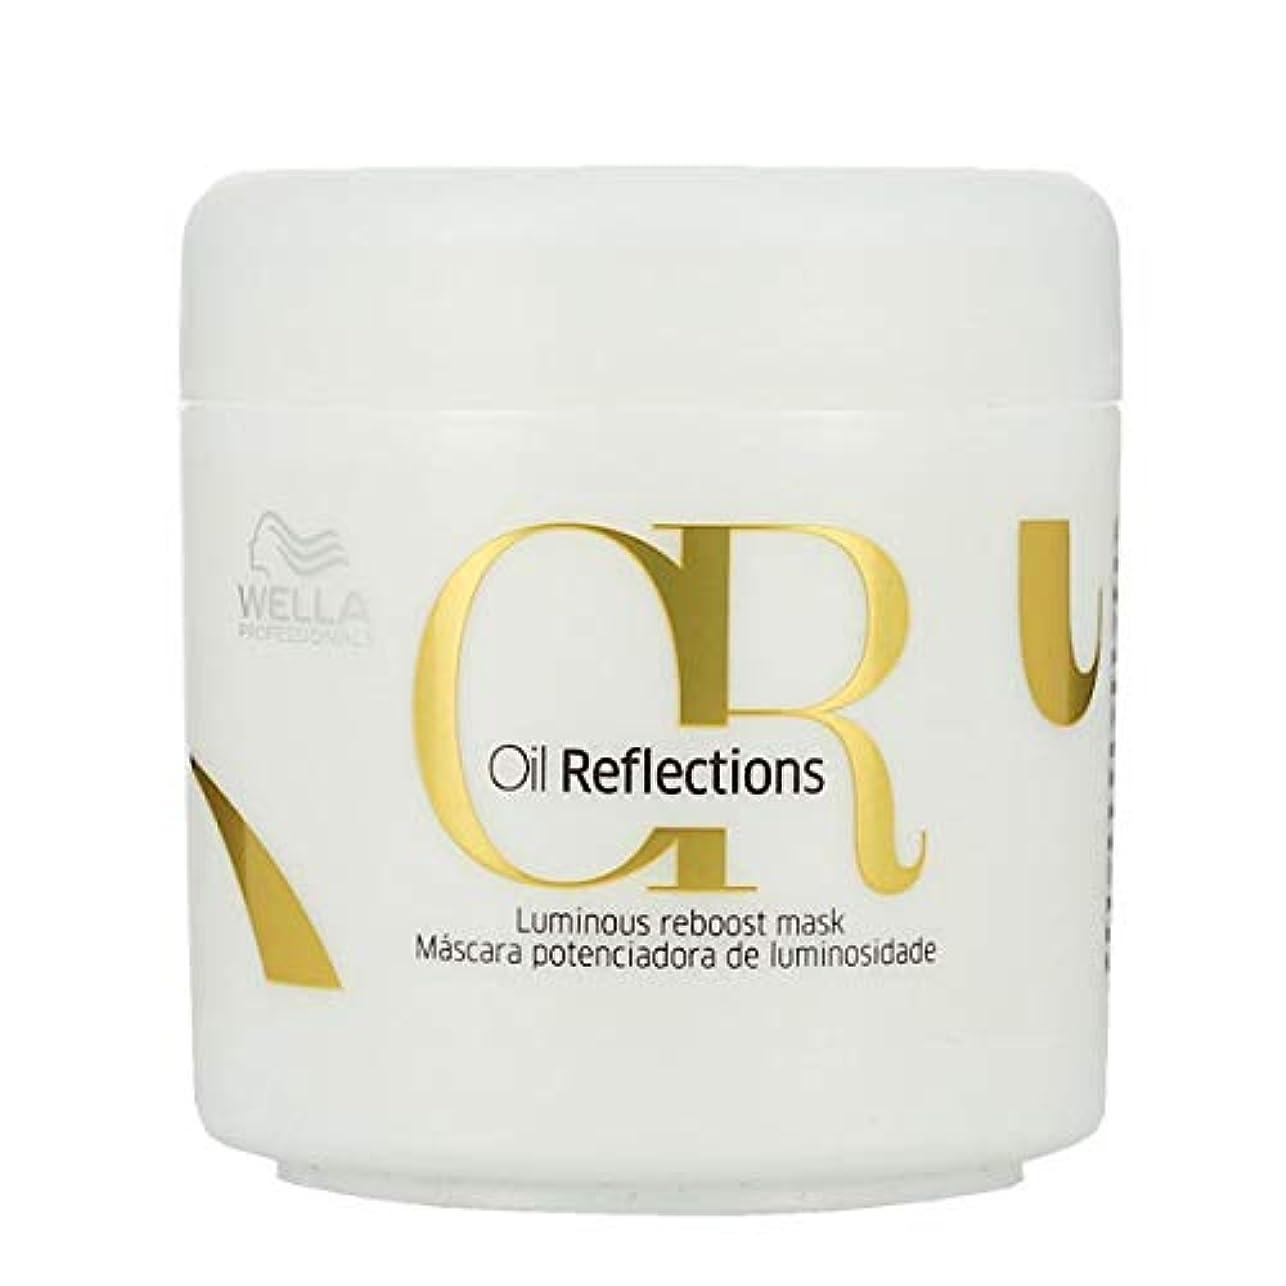 海藻オプションイタリックWella Professionals Oil Reflections Luminous Reboost Mask ウエラ オイルリフレクション マスク 150 ml [並行輸入品]